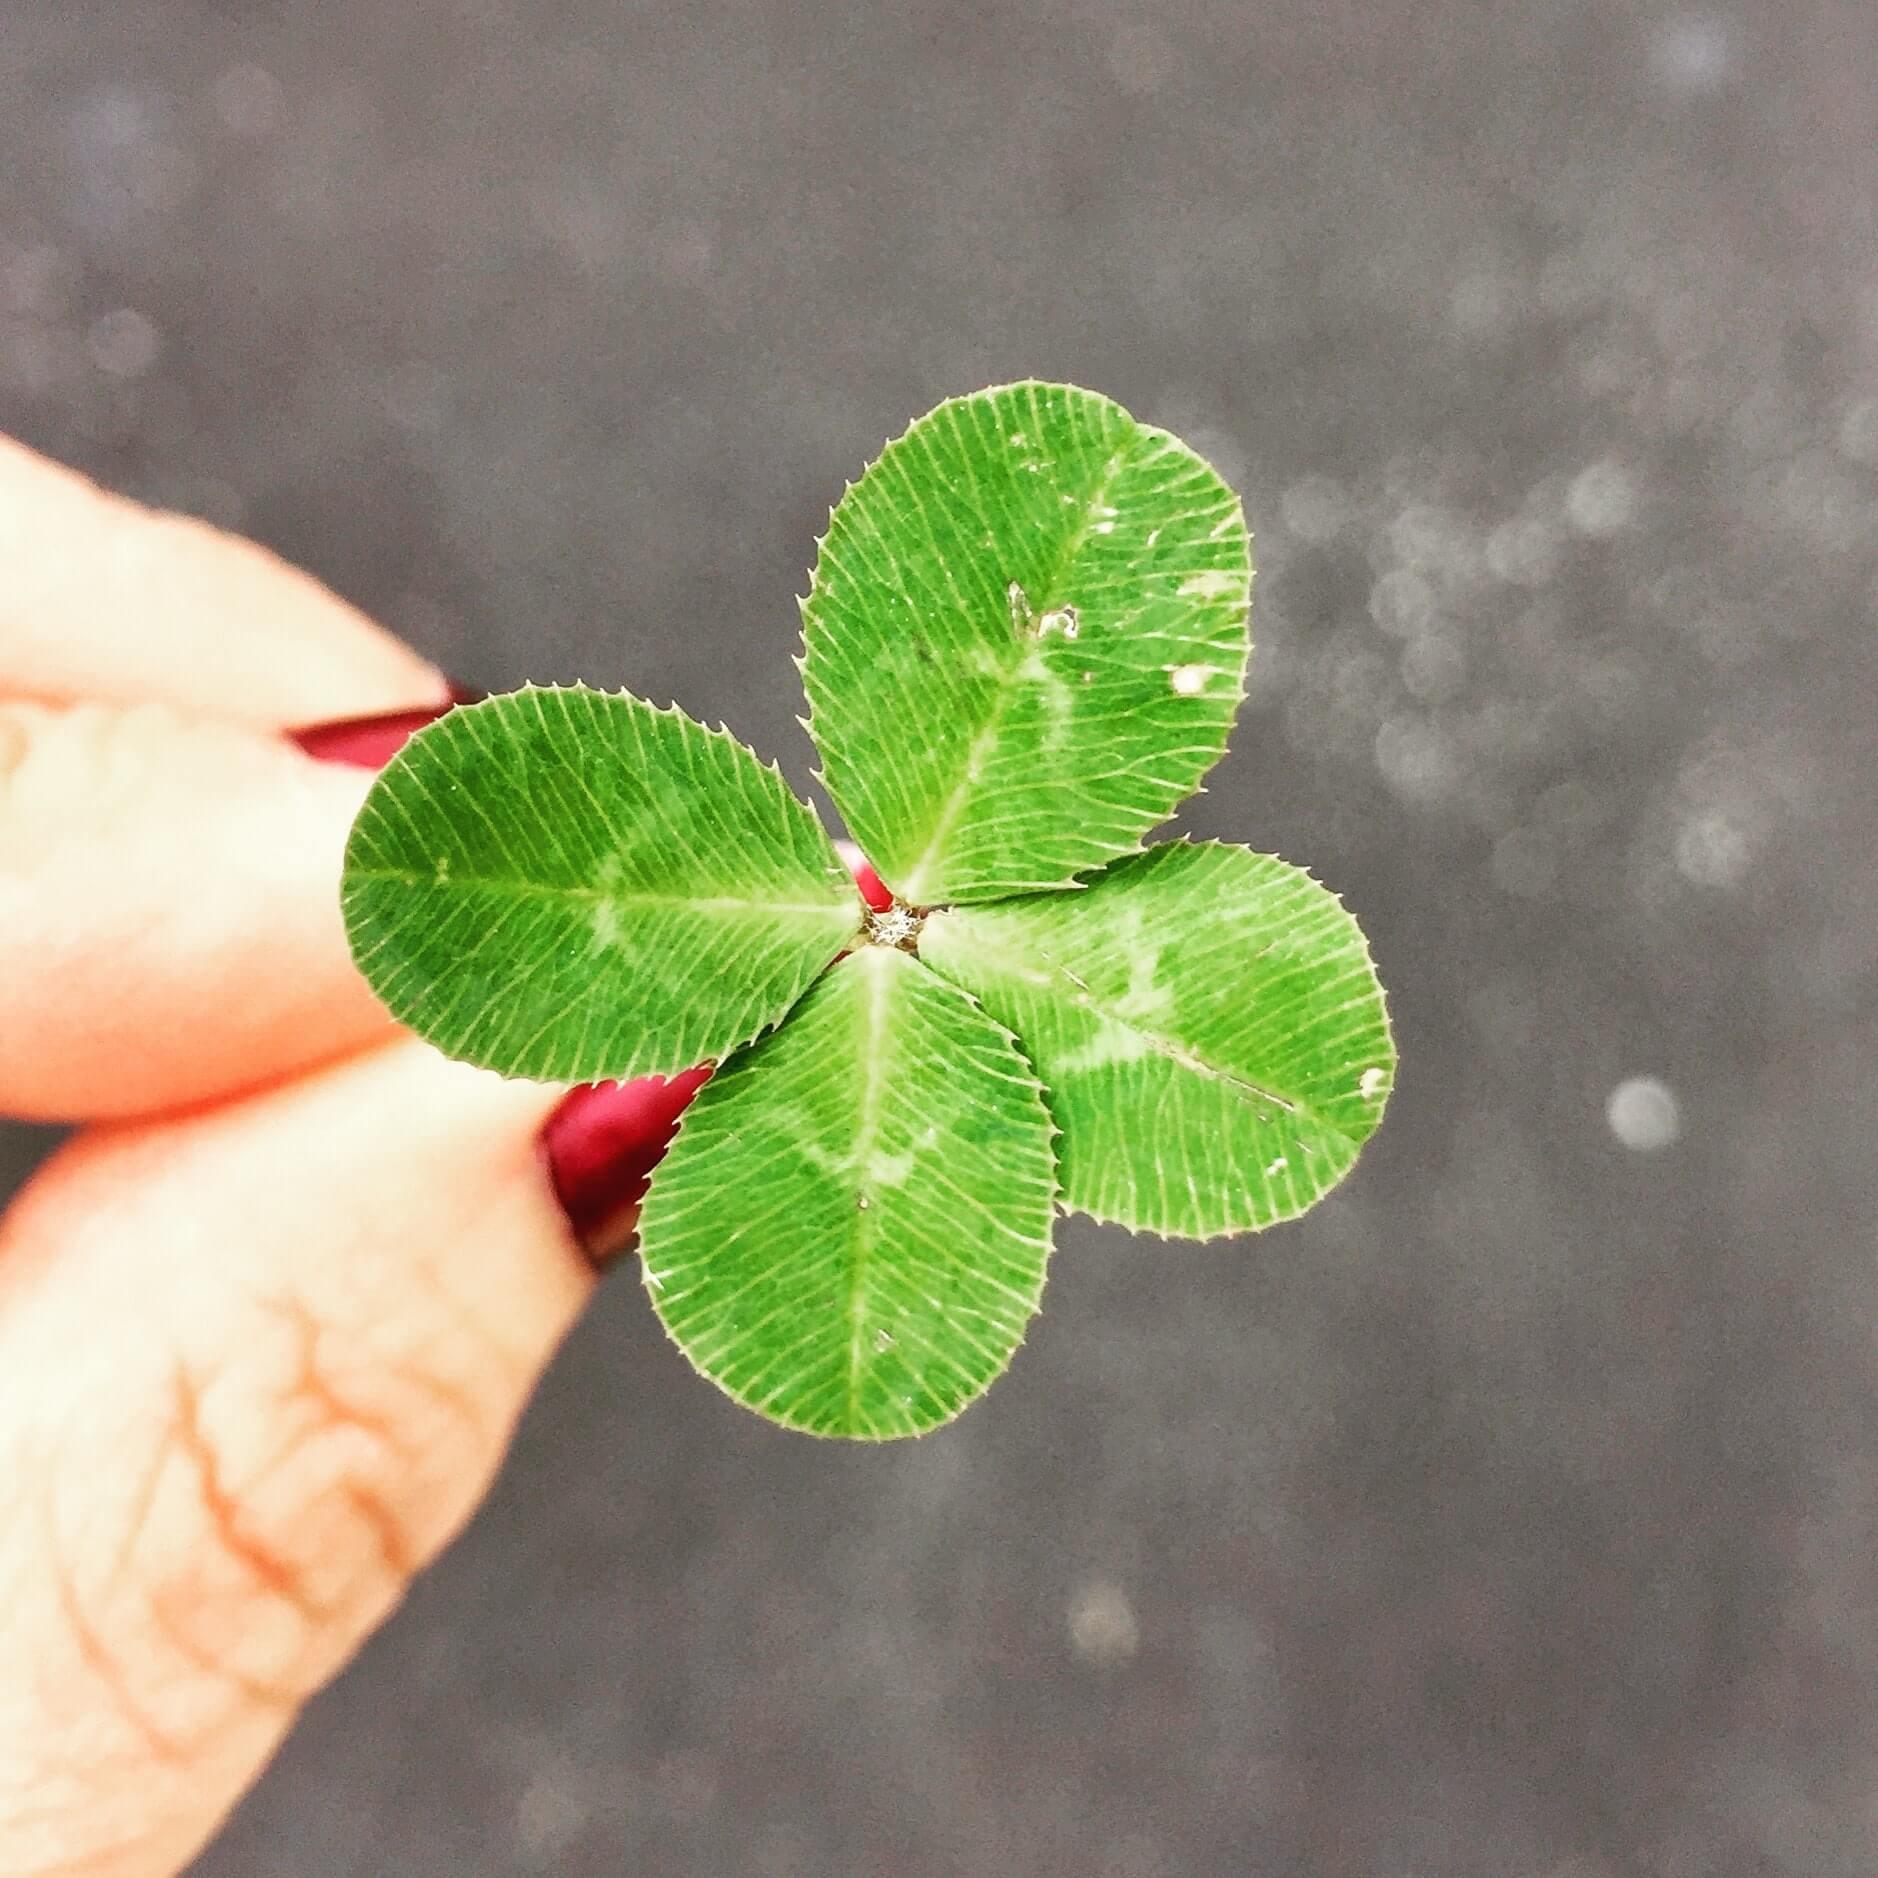 勇気がいるけど幸運を引き寄せる5つの秘訣